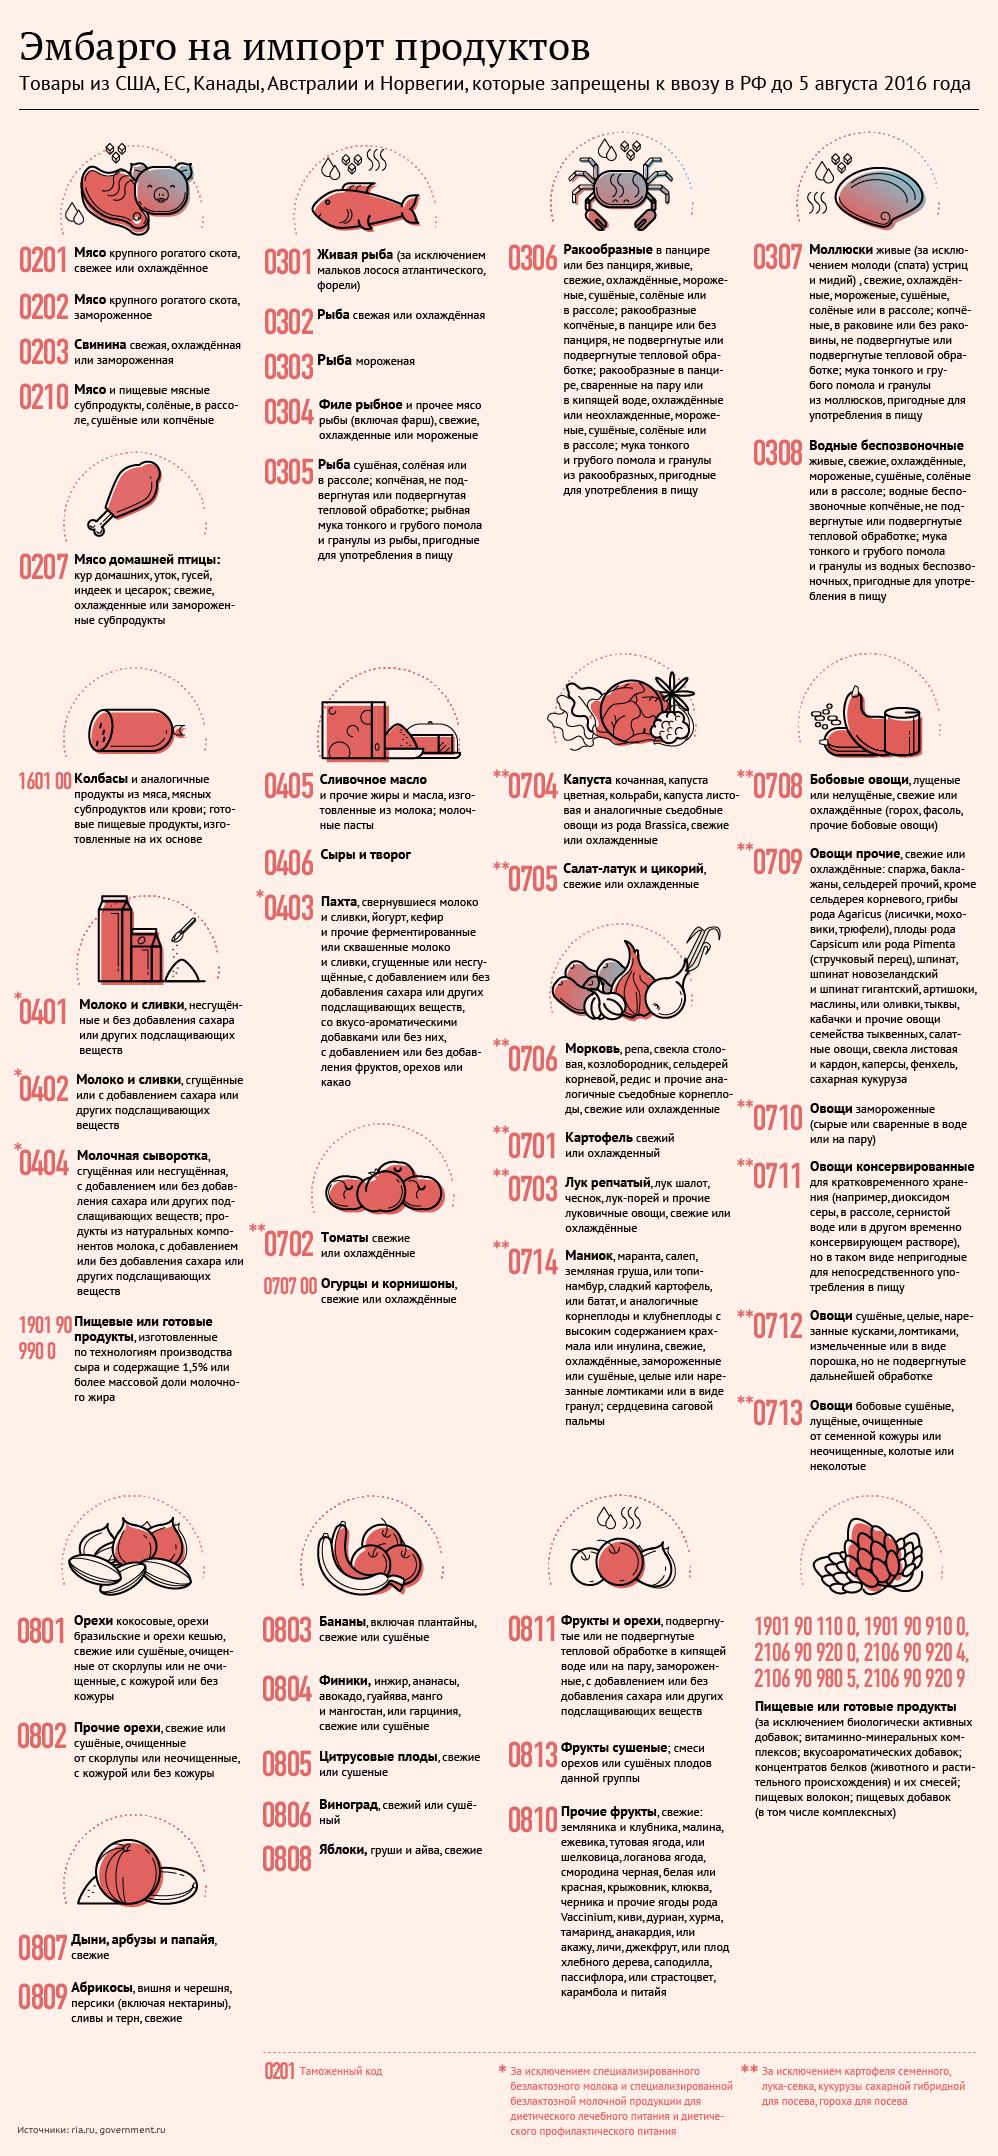 Российские контрсанкции: запрещенные к ввозу продукты